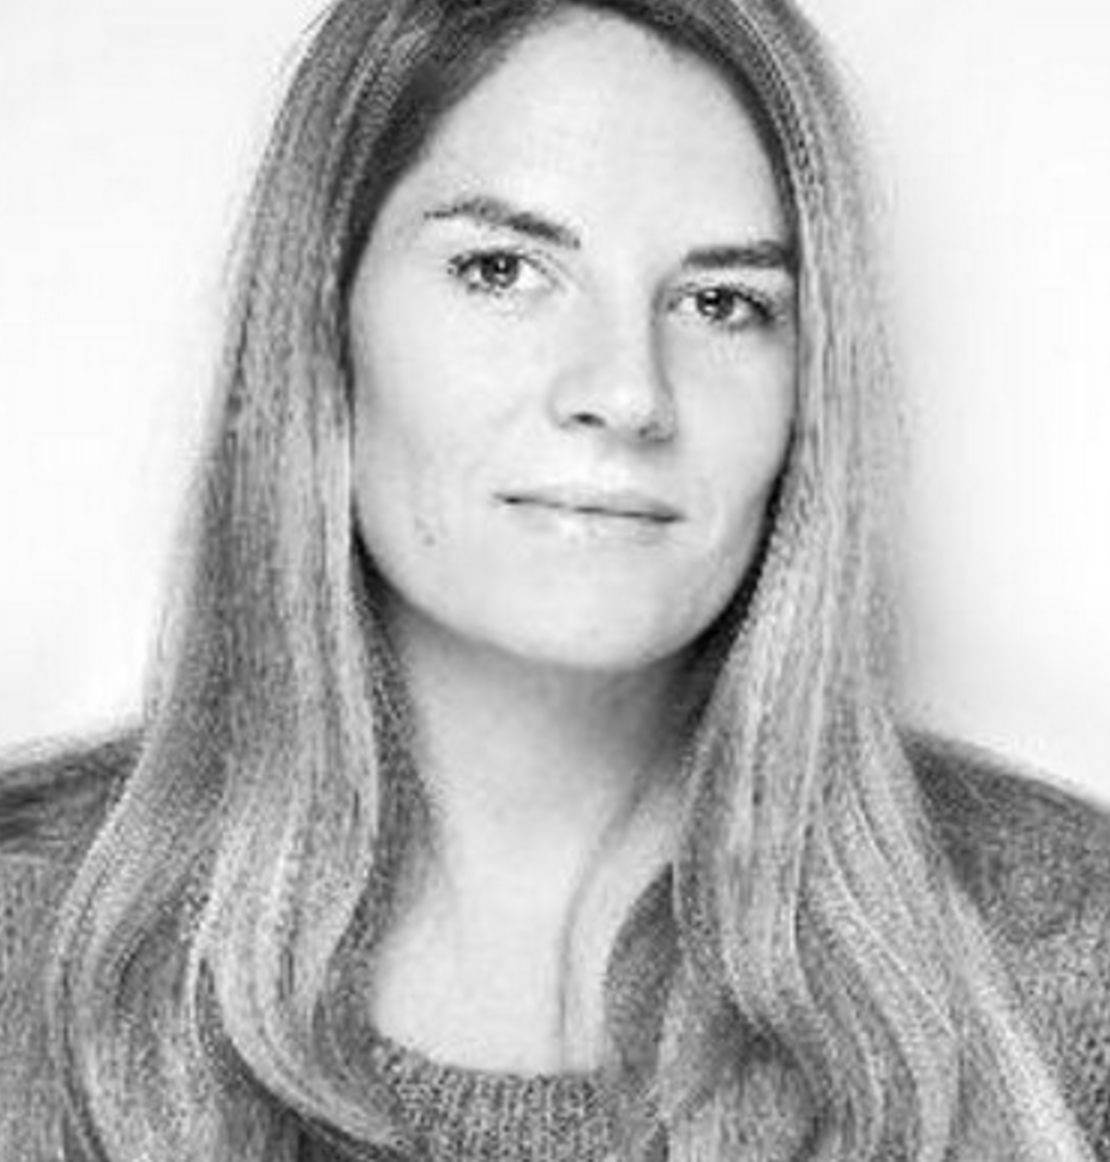 VGs Astrid Melands uforneholdne beklagelse er unikt for norske journalister